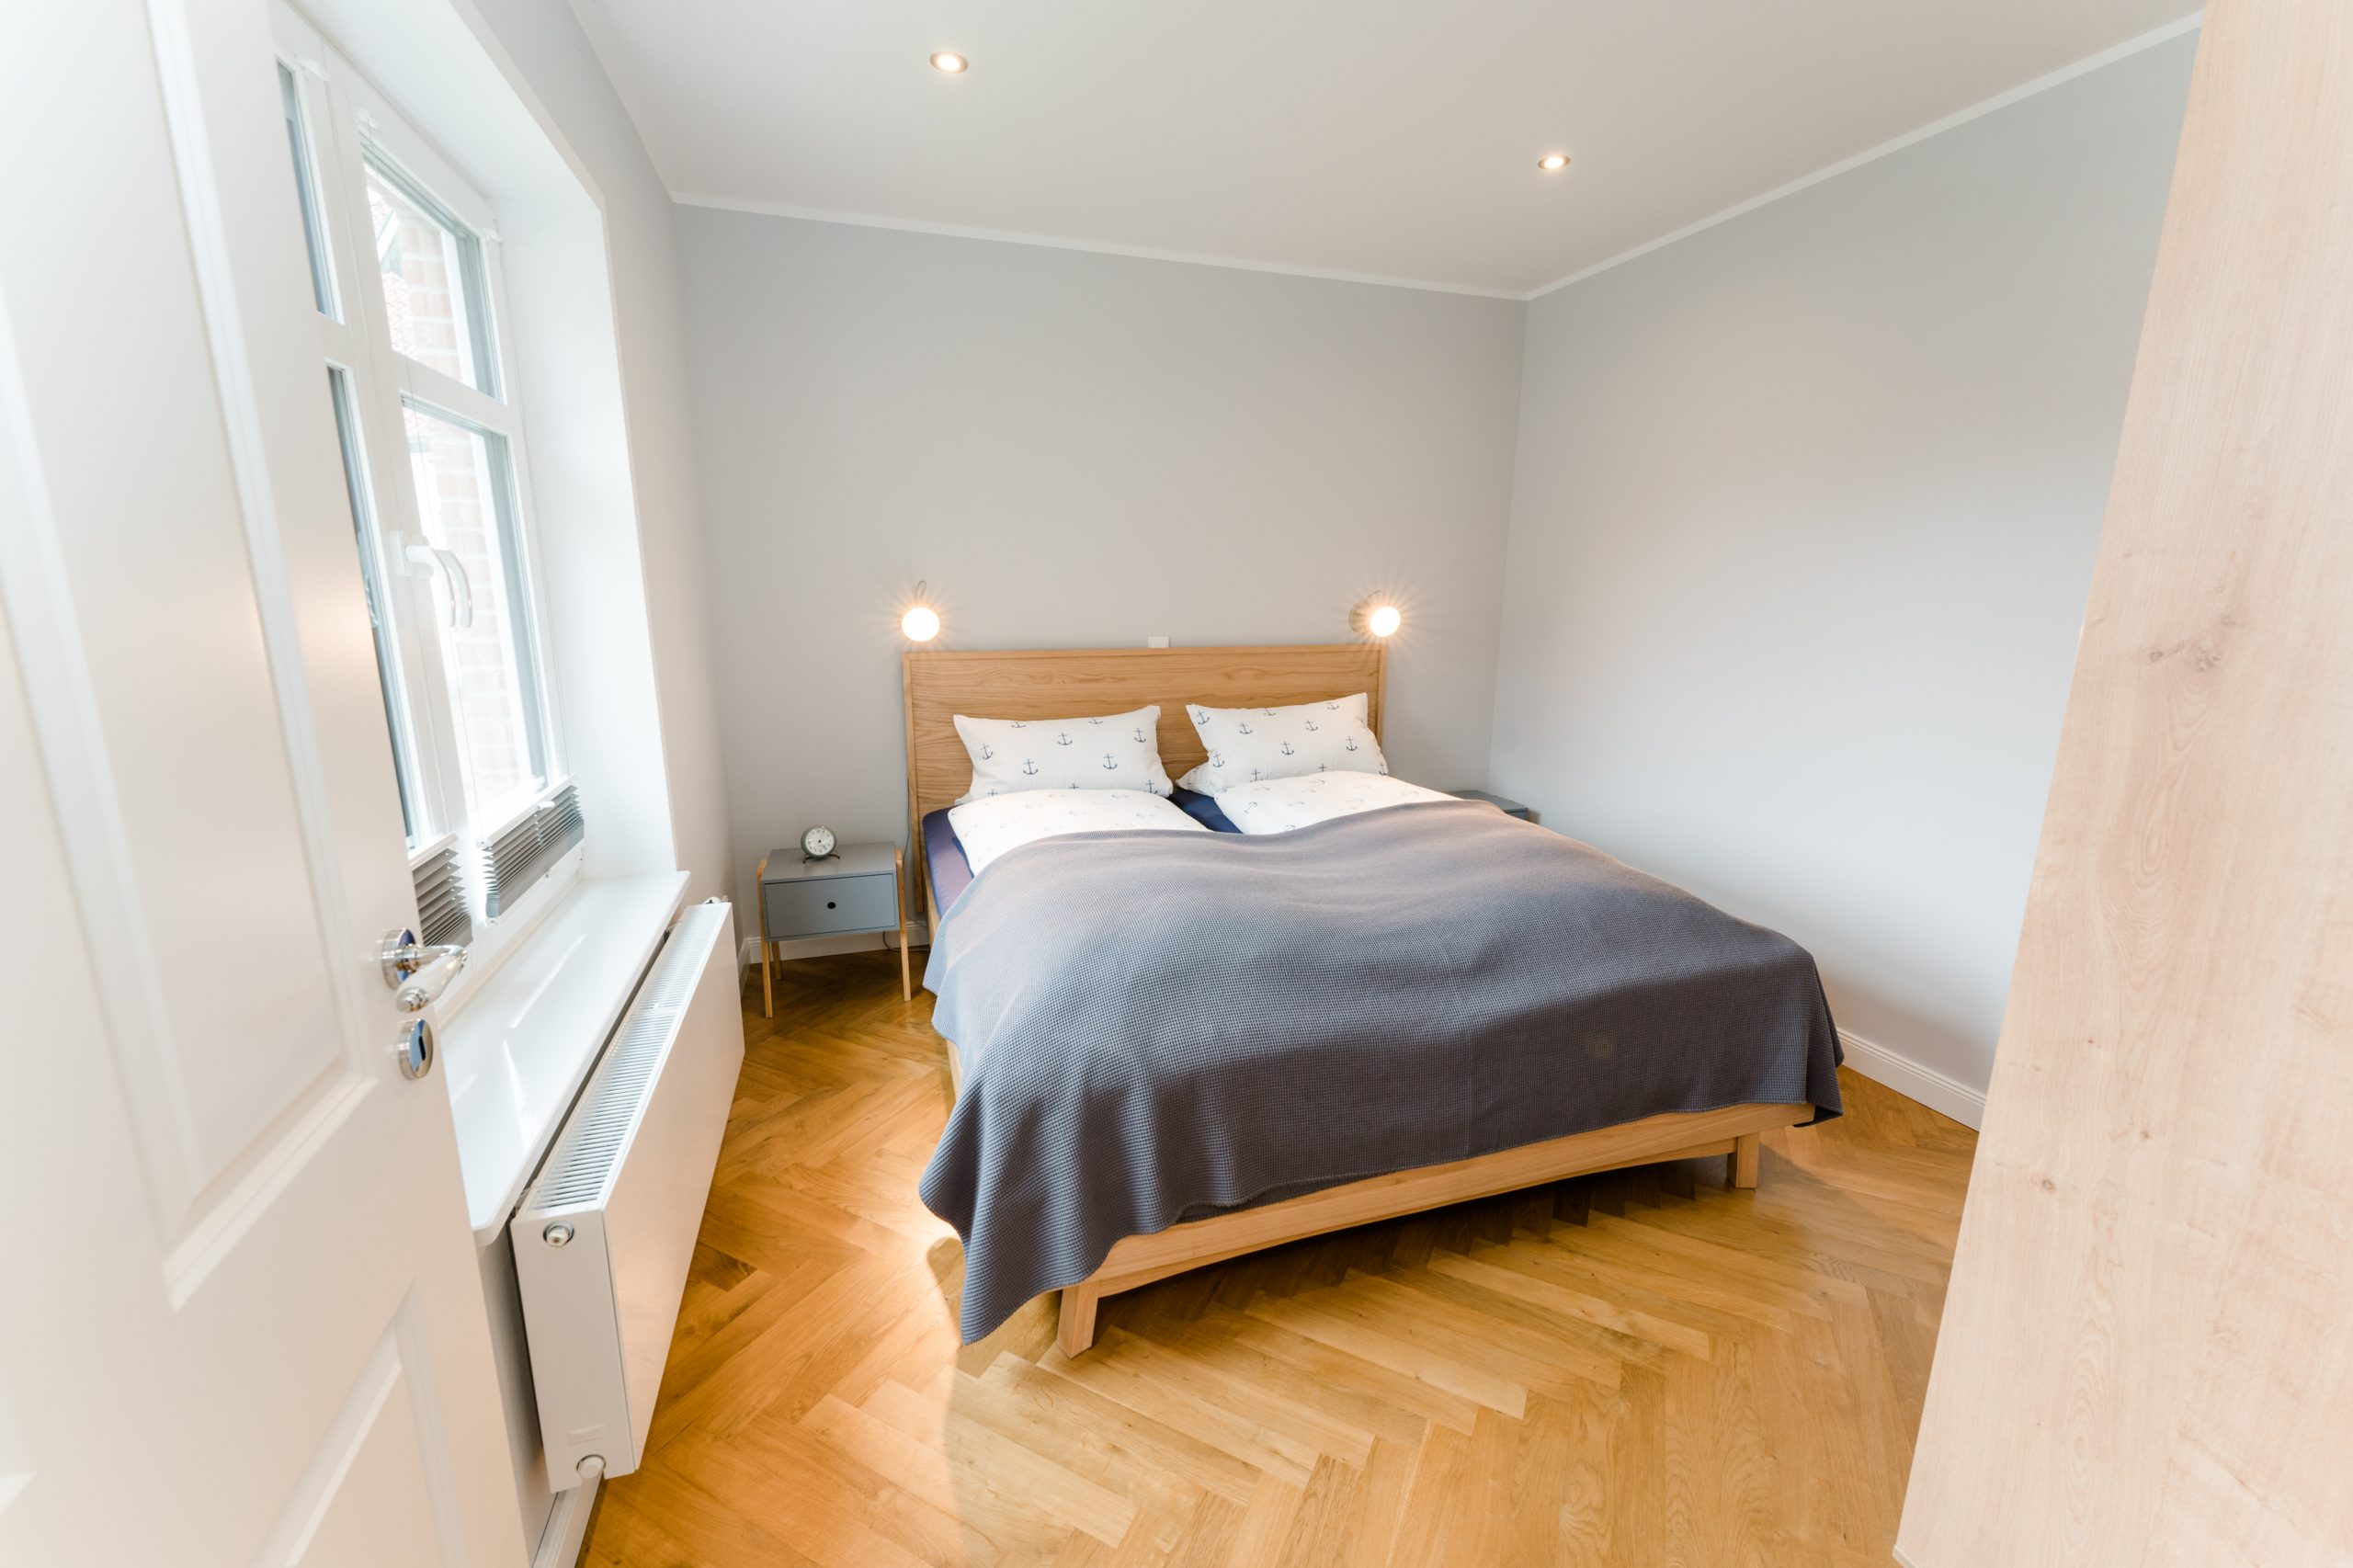 Ferienhaus Sjuts_Doppelzimmer Erdgeschoss